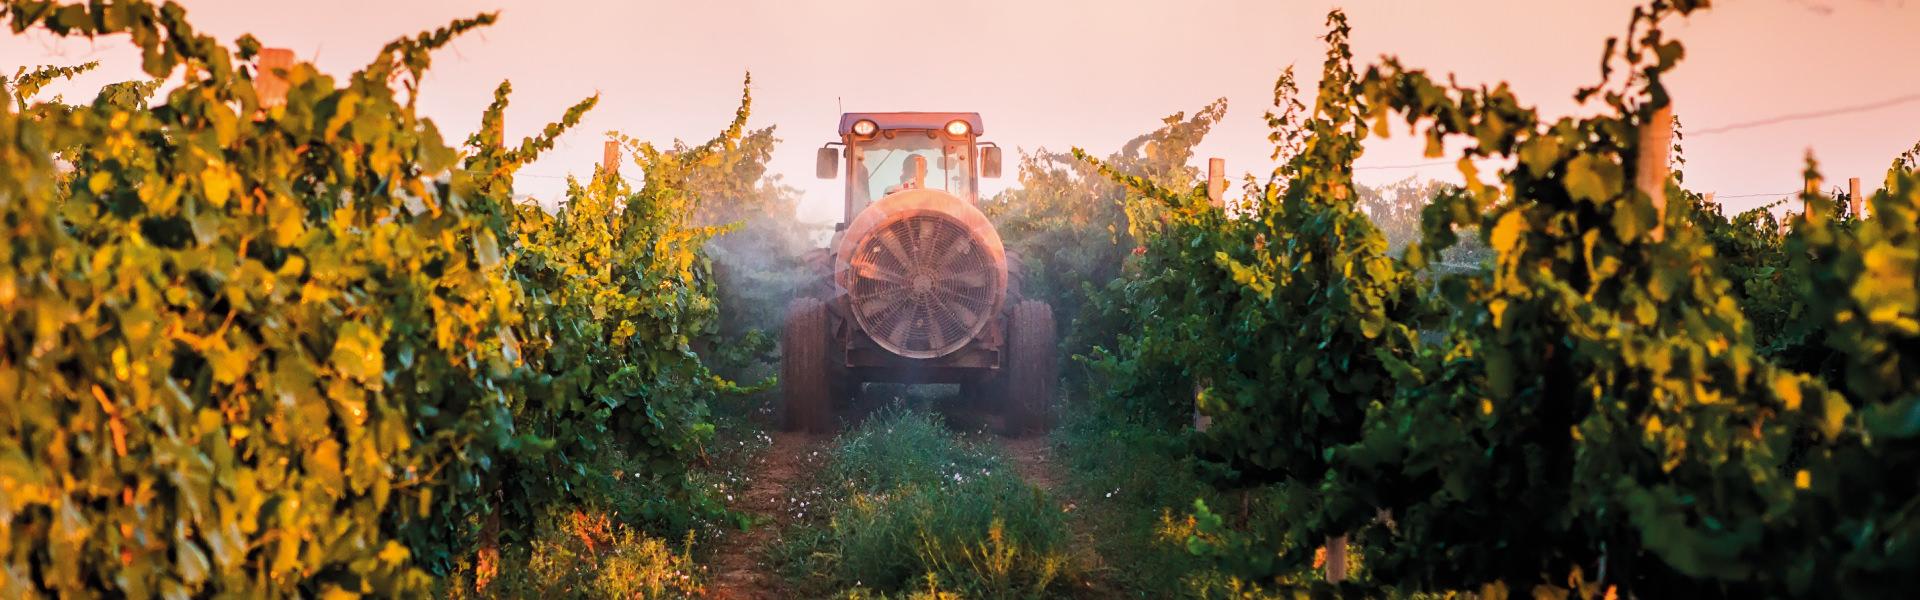 Zarpellon agricoltura Raccolta-contenitori